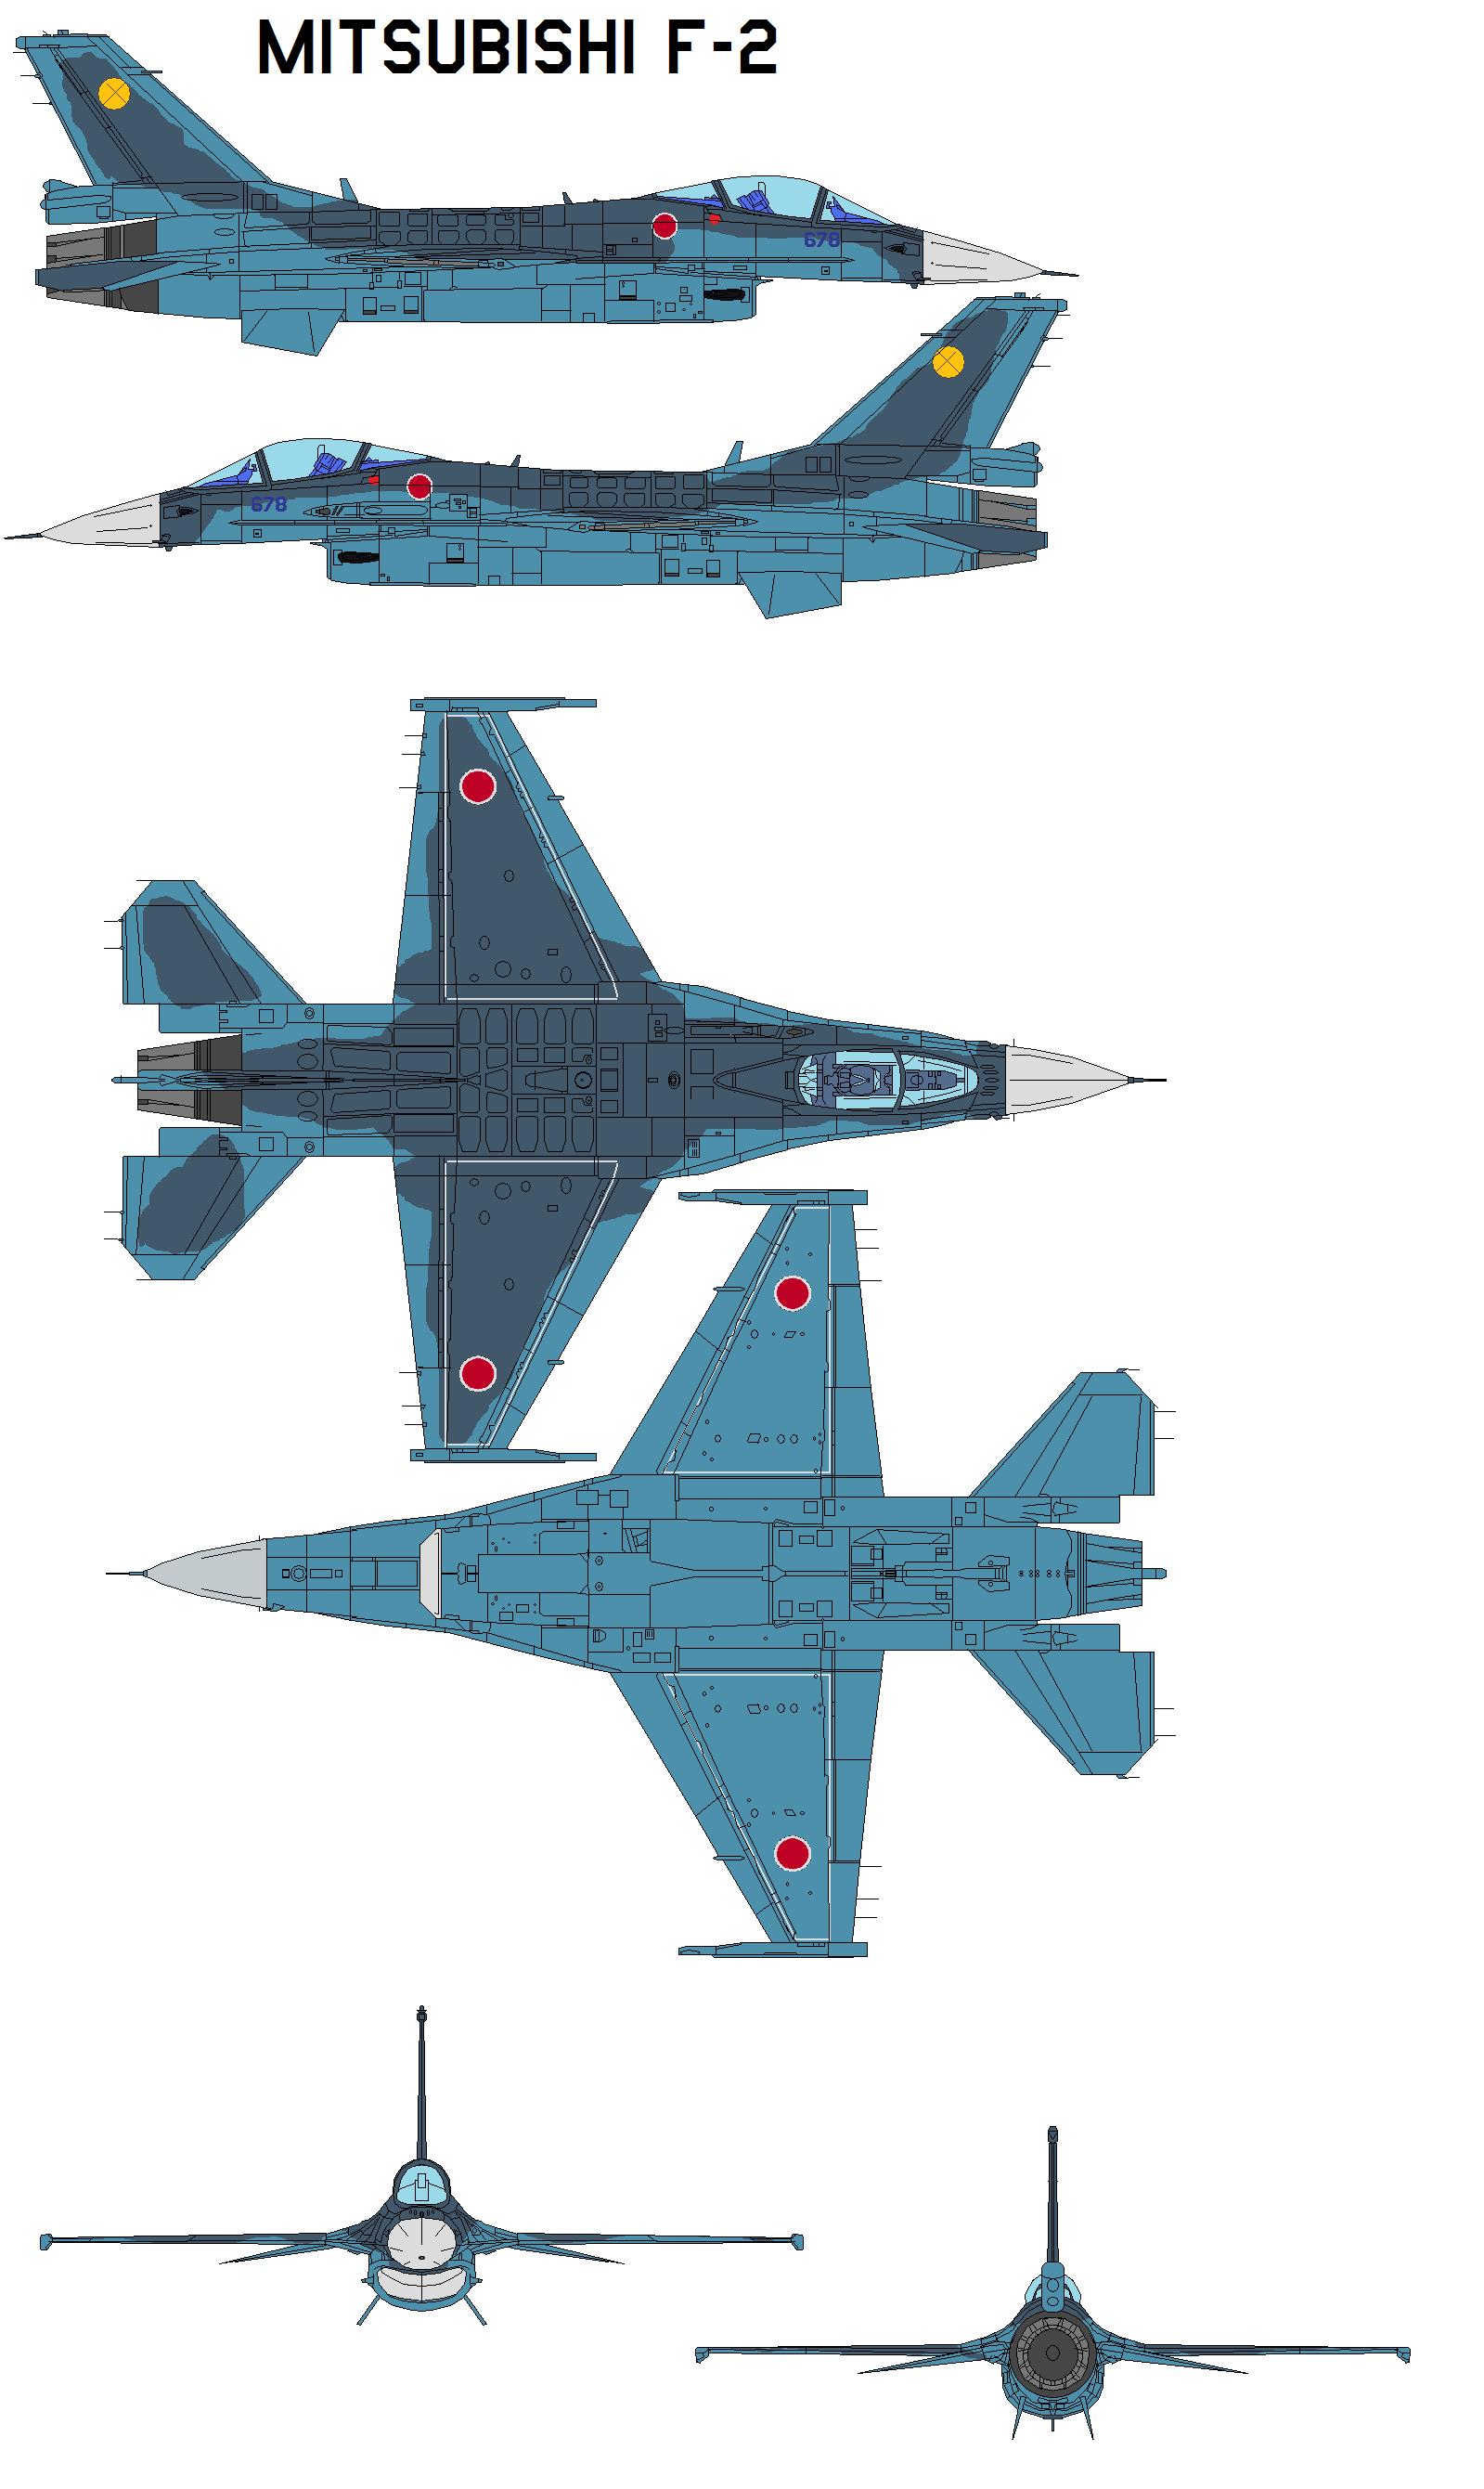 موسوعة المقاتلات الكاملة - صفحة 2 Mitsubishi_F_2_by_bagera3005